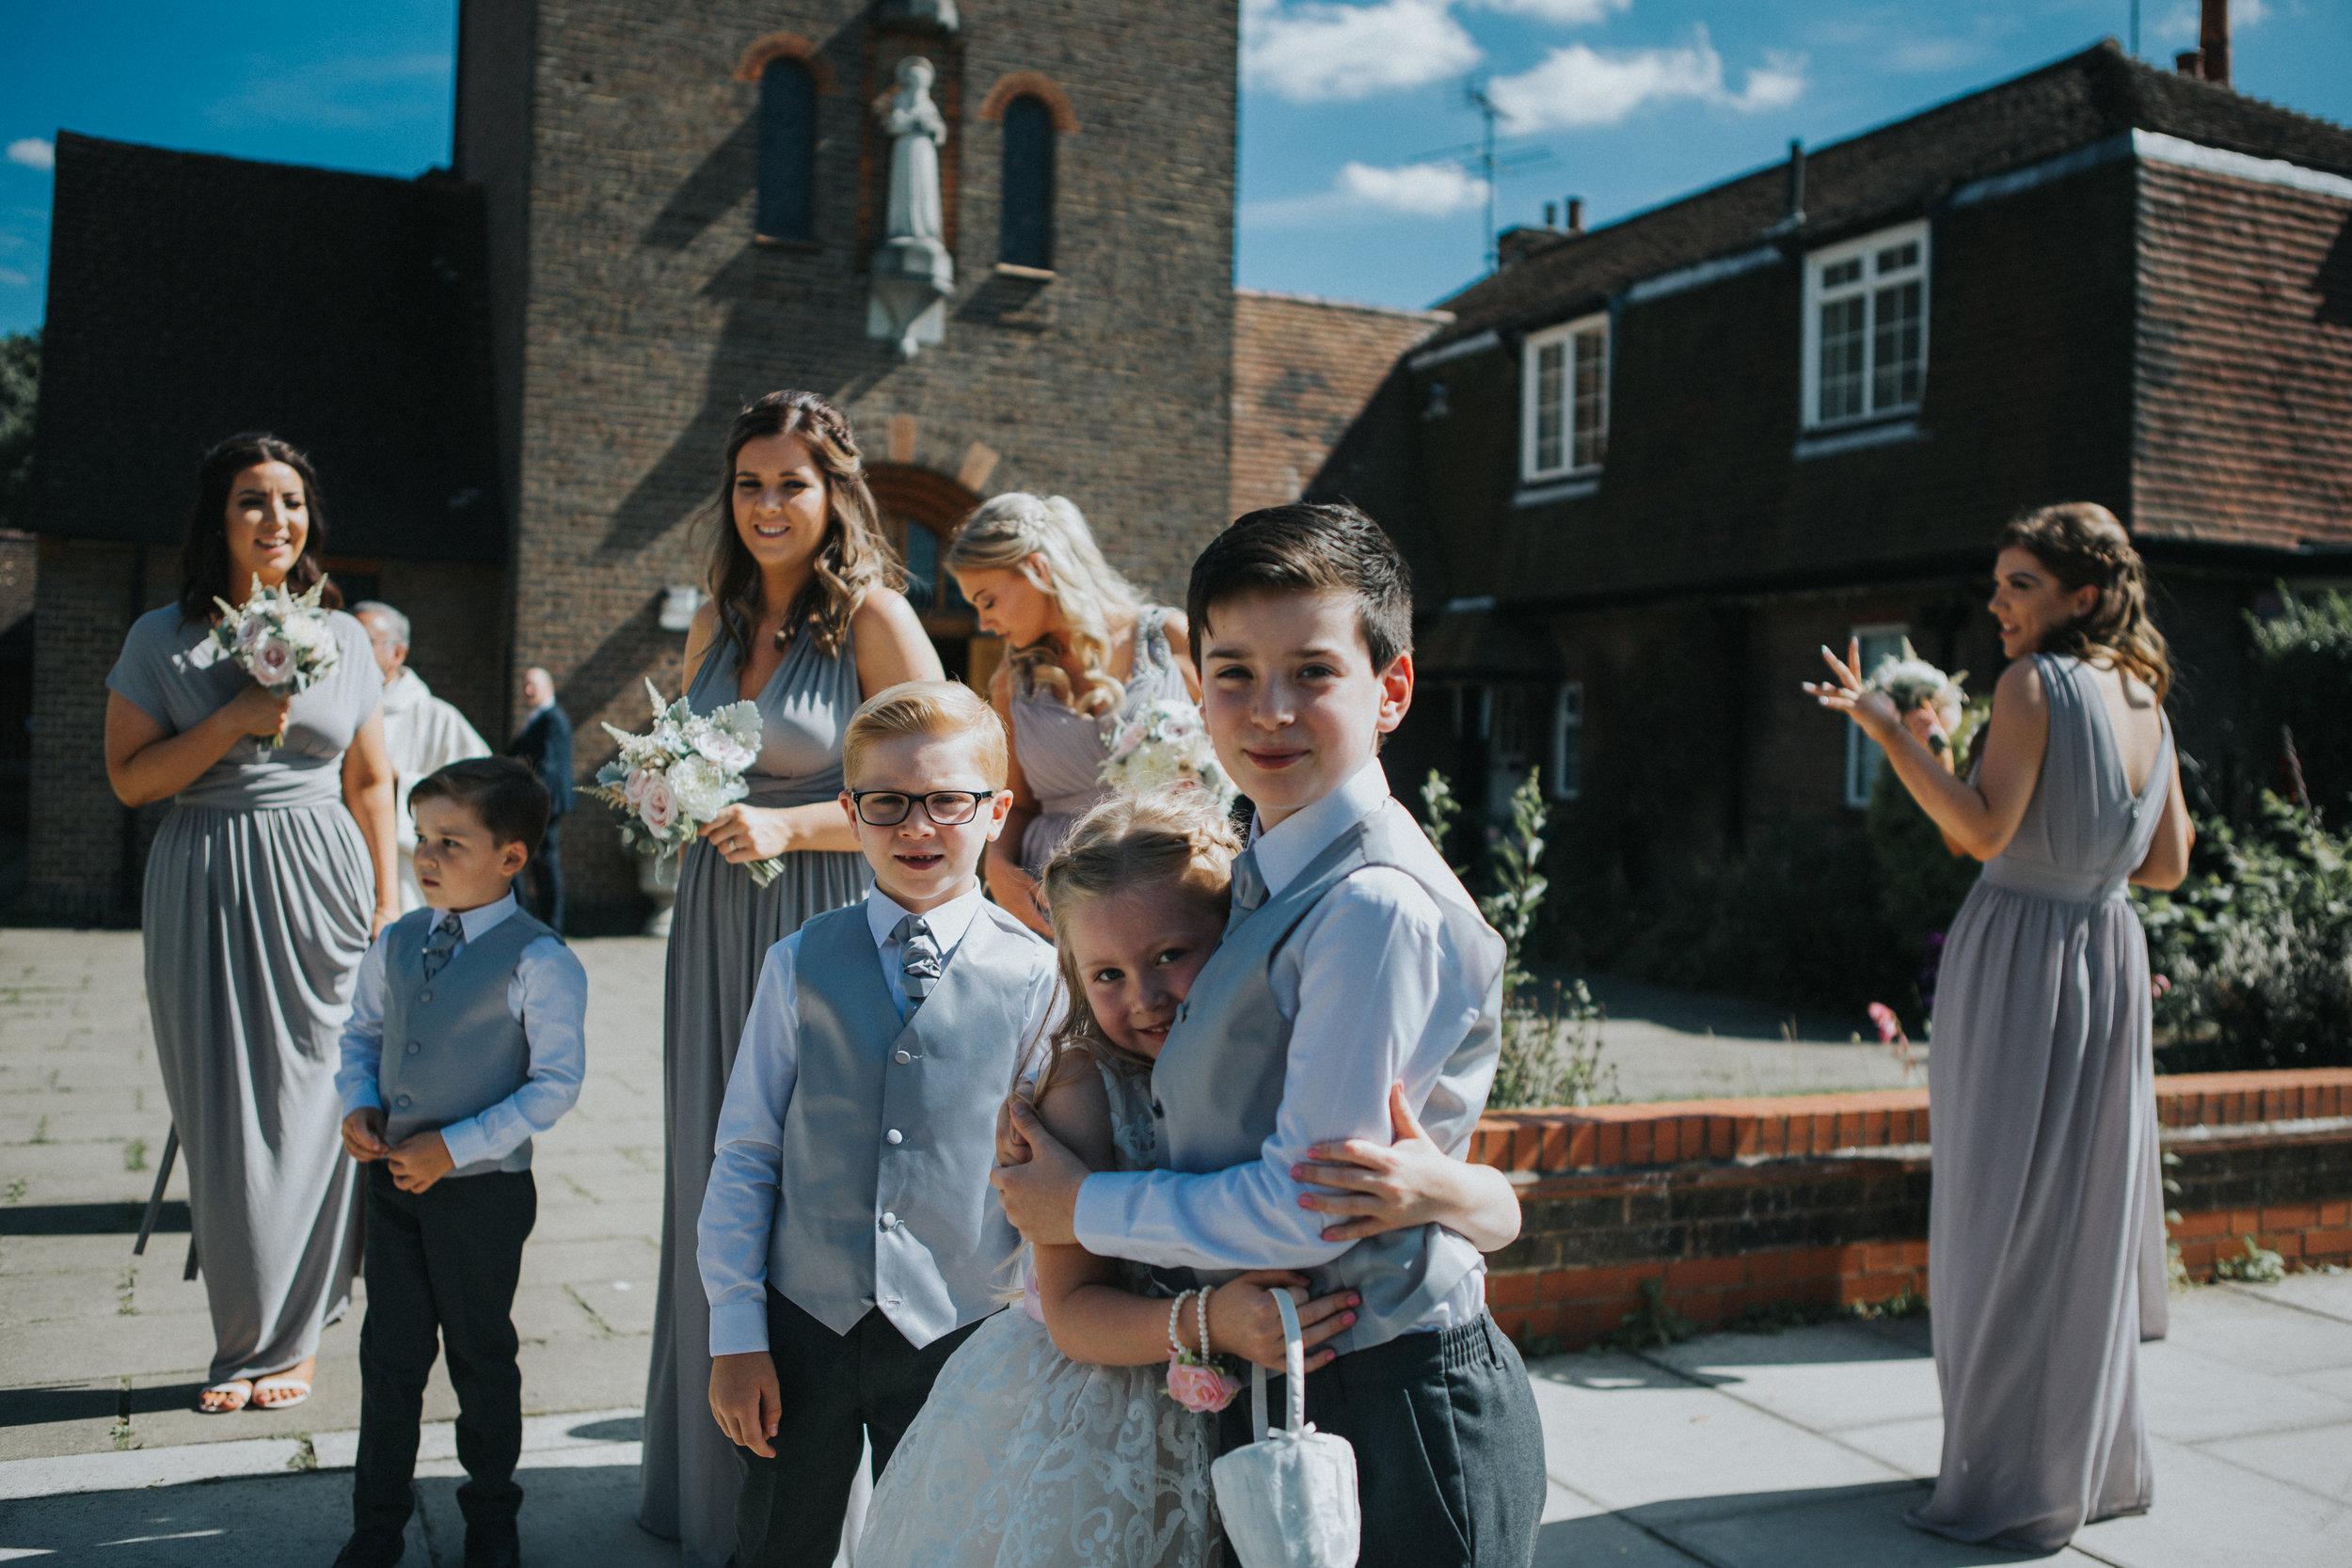 hitchin-hertfordshire-london-wedding-photography-catholic-ceremony-16